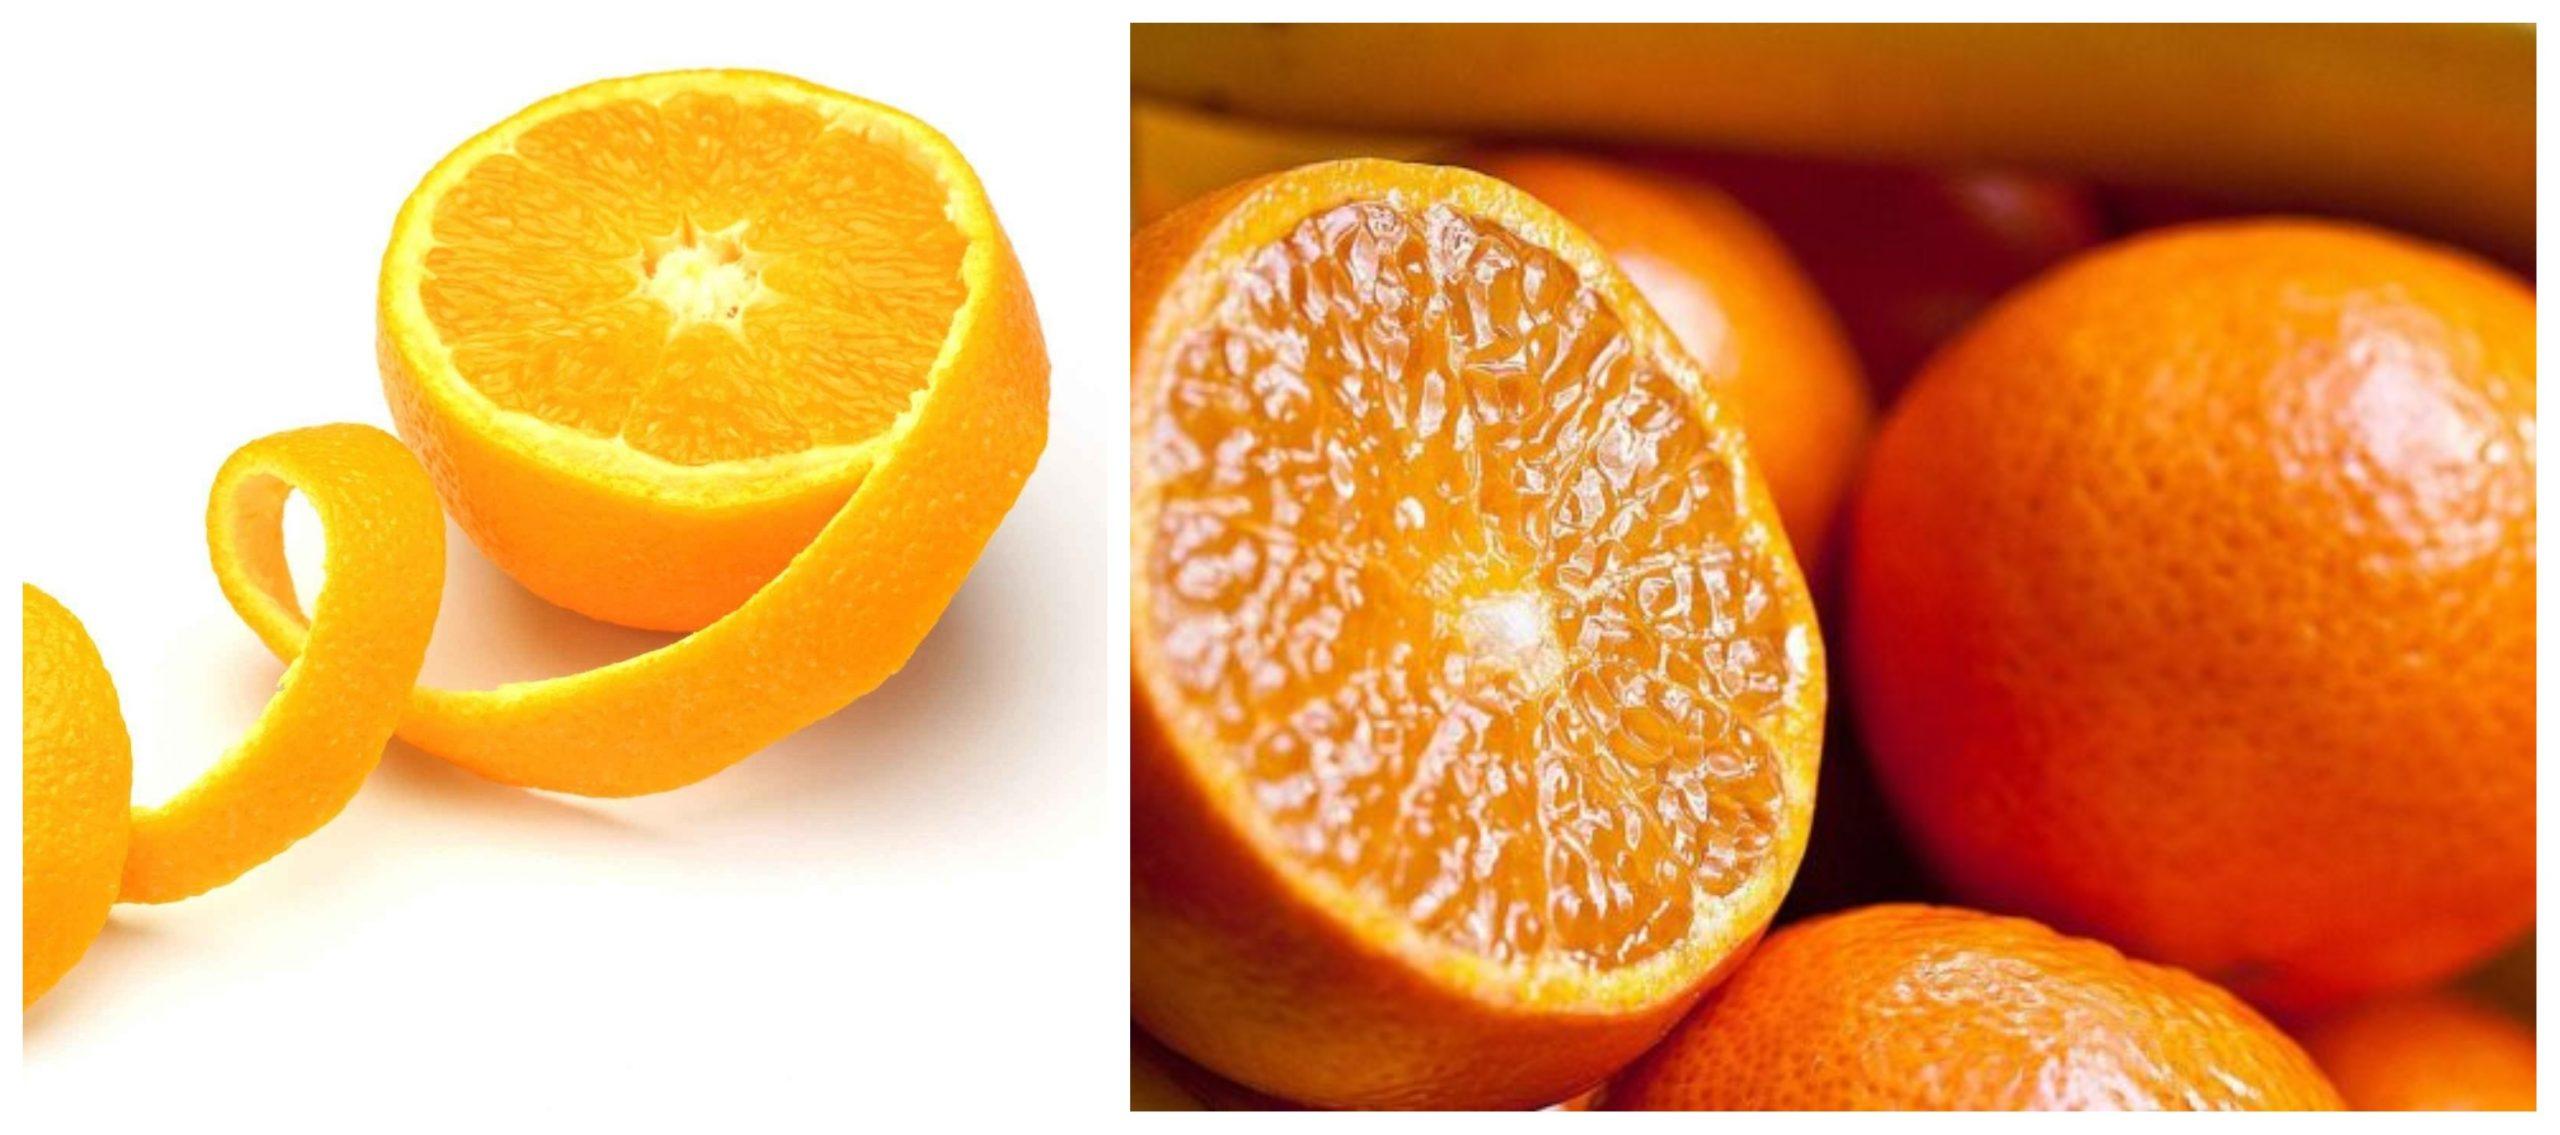 فوائد صحية مذهلة لتناول قشر البرتقال